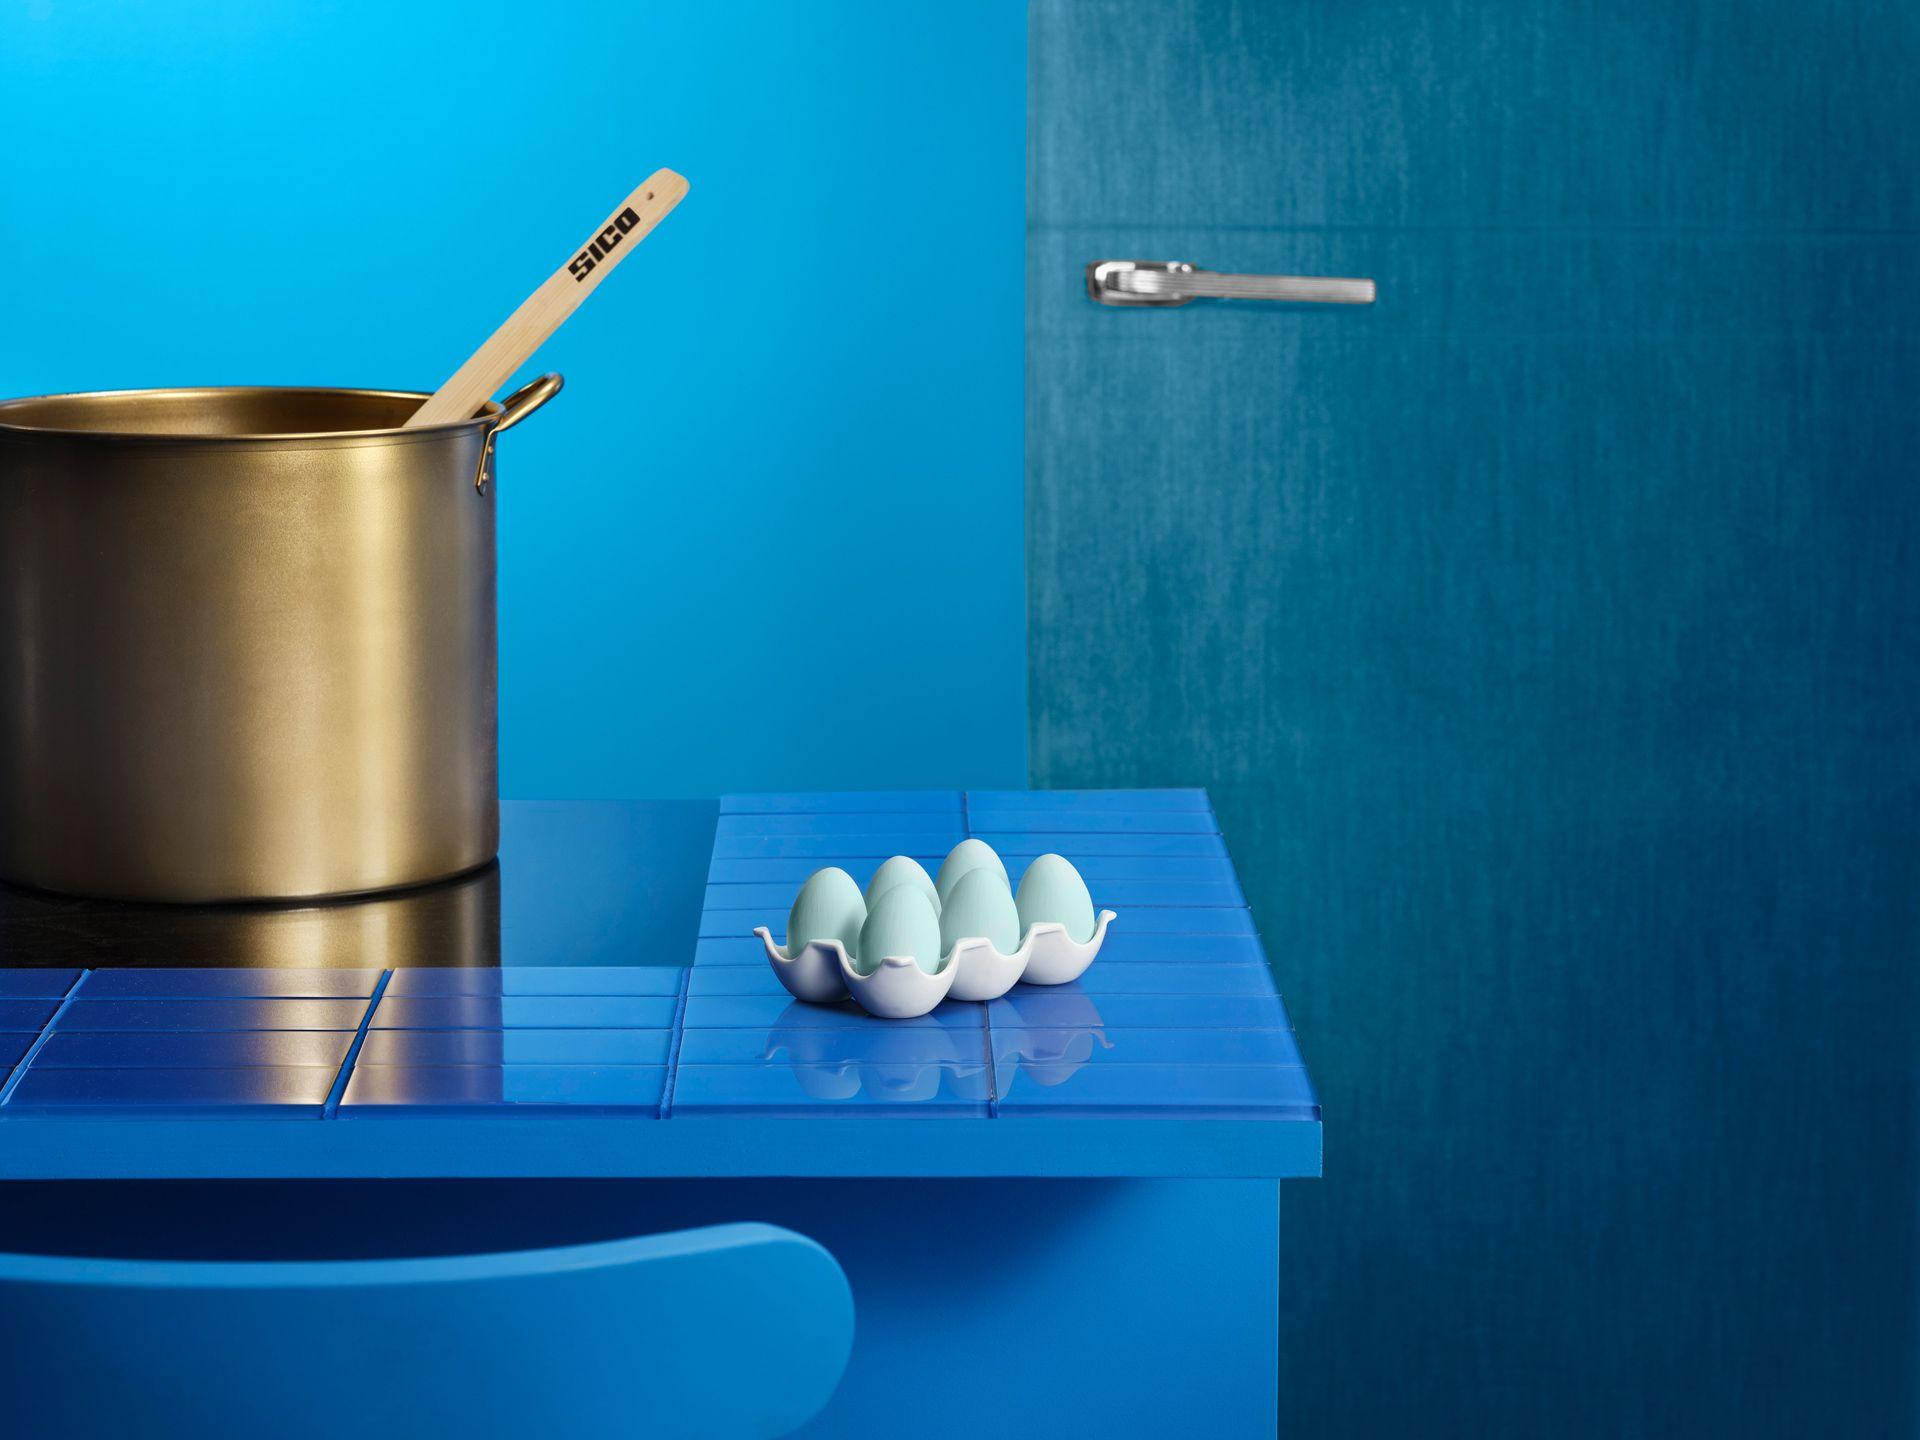 Blocage des couleurs bleu : la pièce est peinte en bleu, la porte d'un bleu différent, la table d'un bleu différent. Il y a un pot doré et un paquet de six œufs bleu clair.